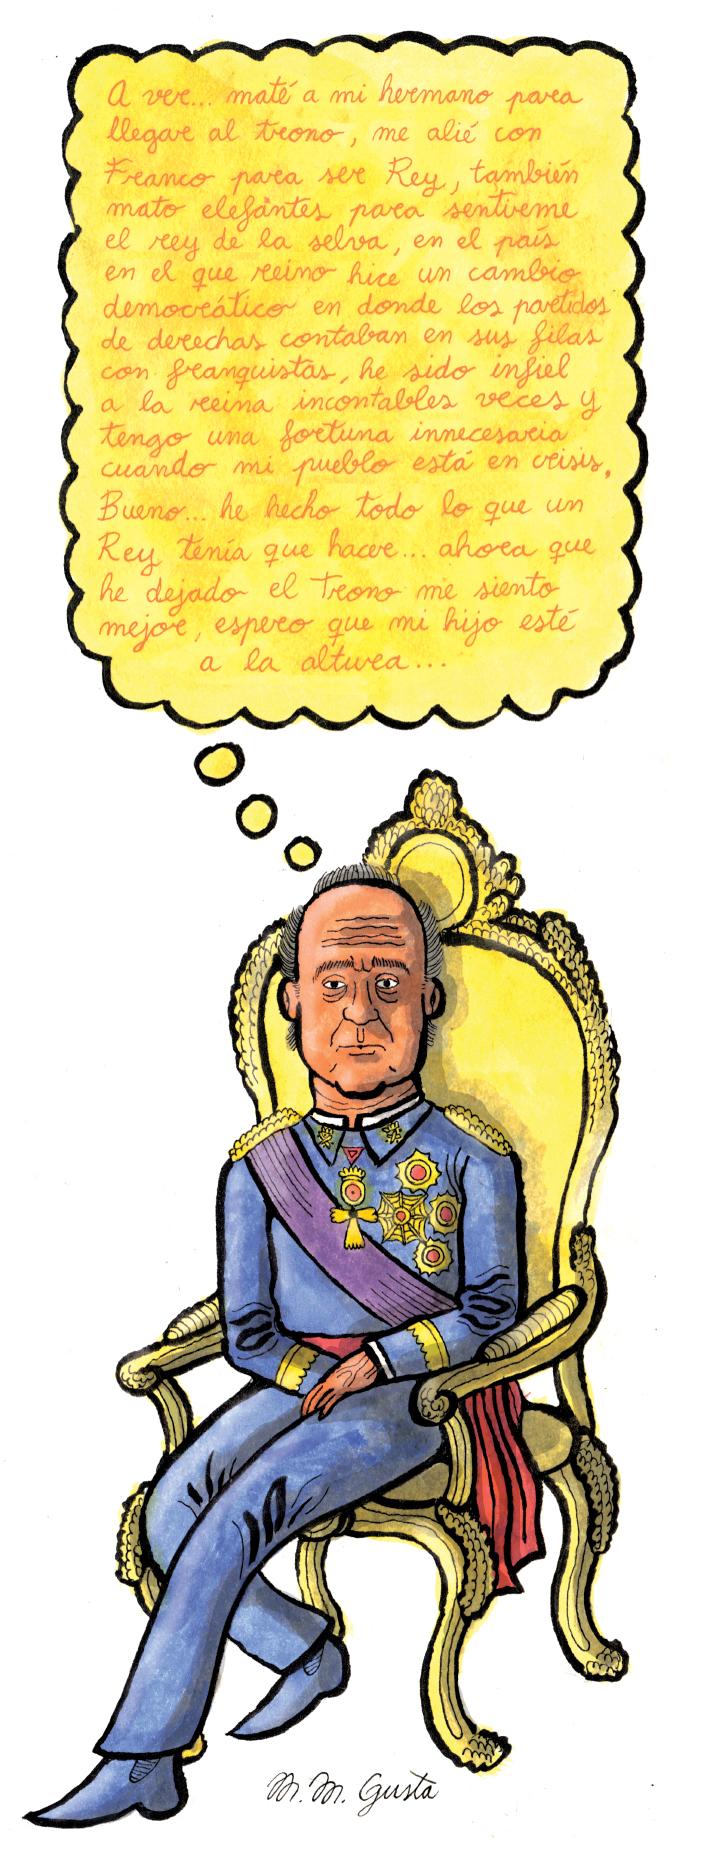 01 - c - Pensamientos de un Rey - MM Gustà